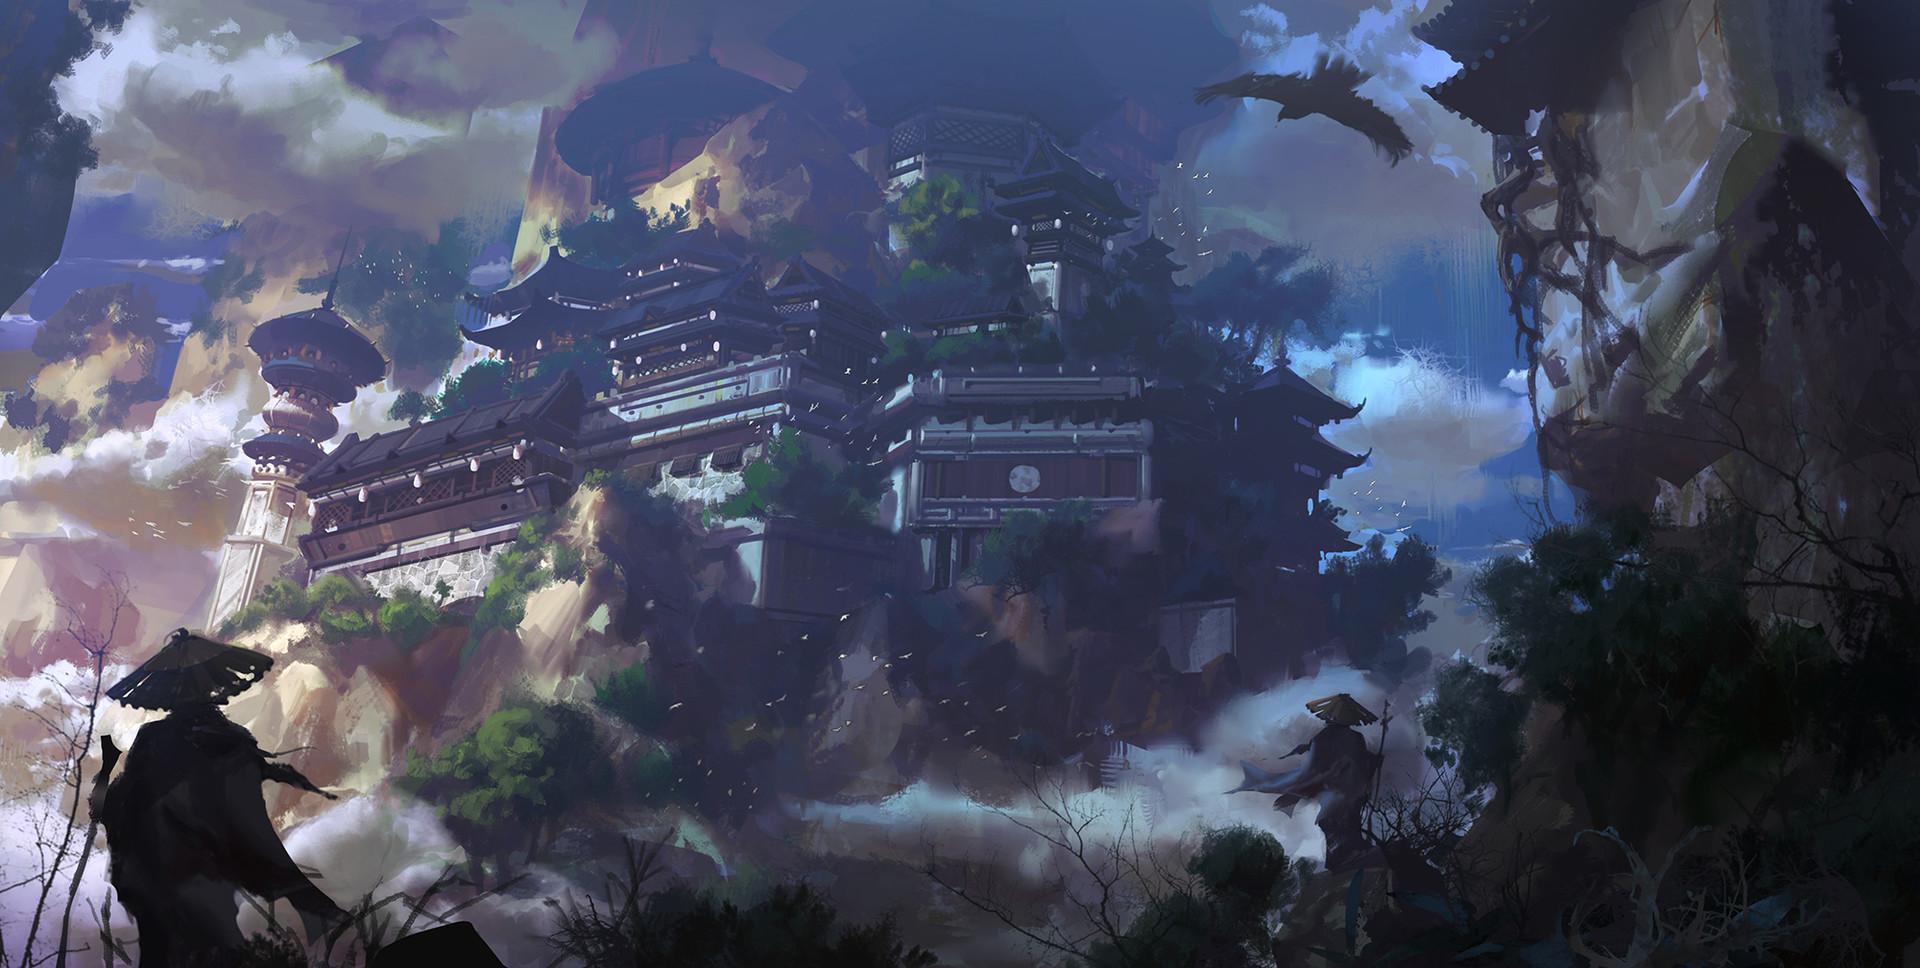 zhiyu-cao-img-4618.jpg?1498240640